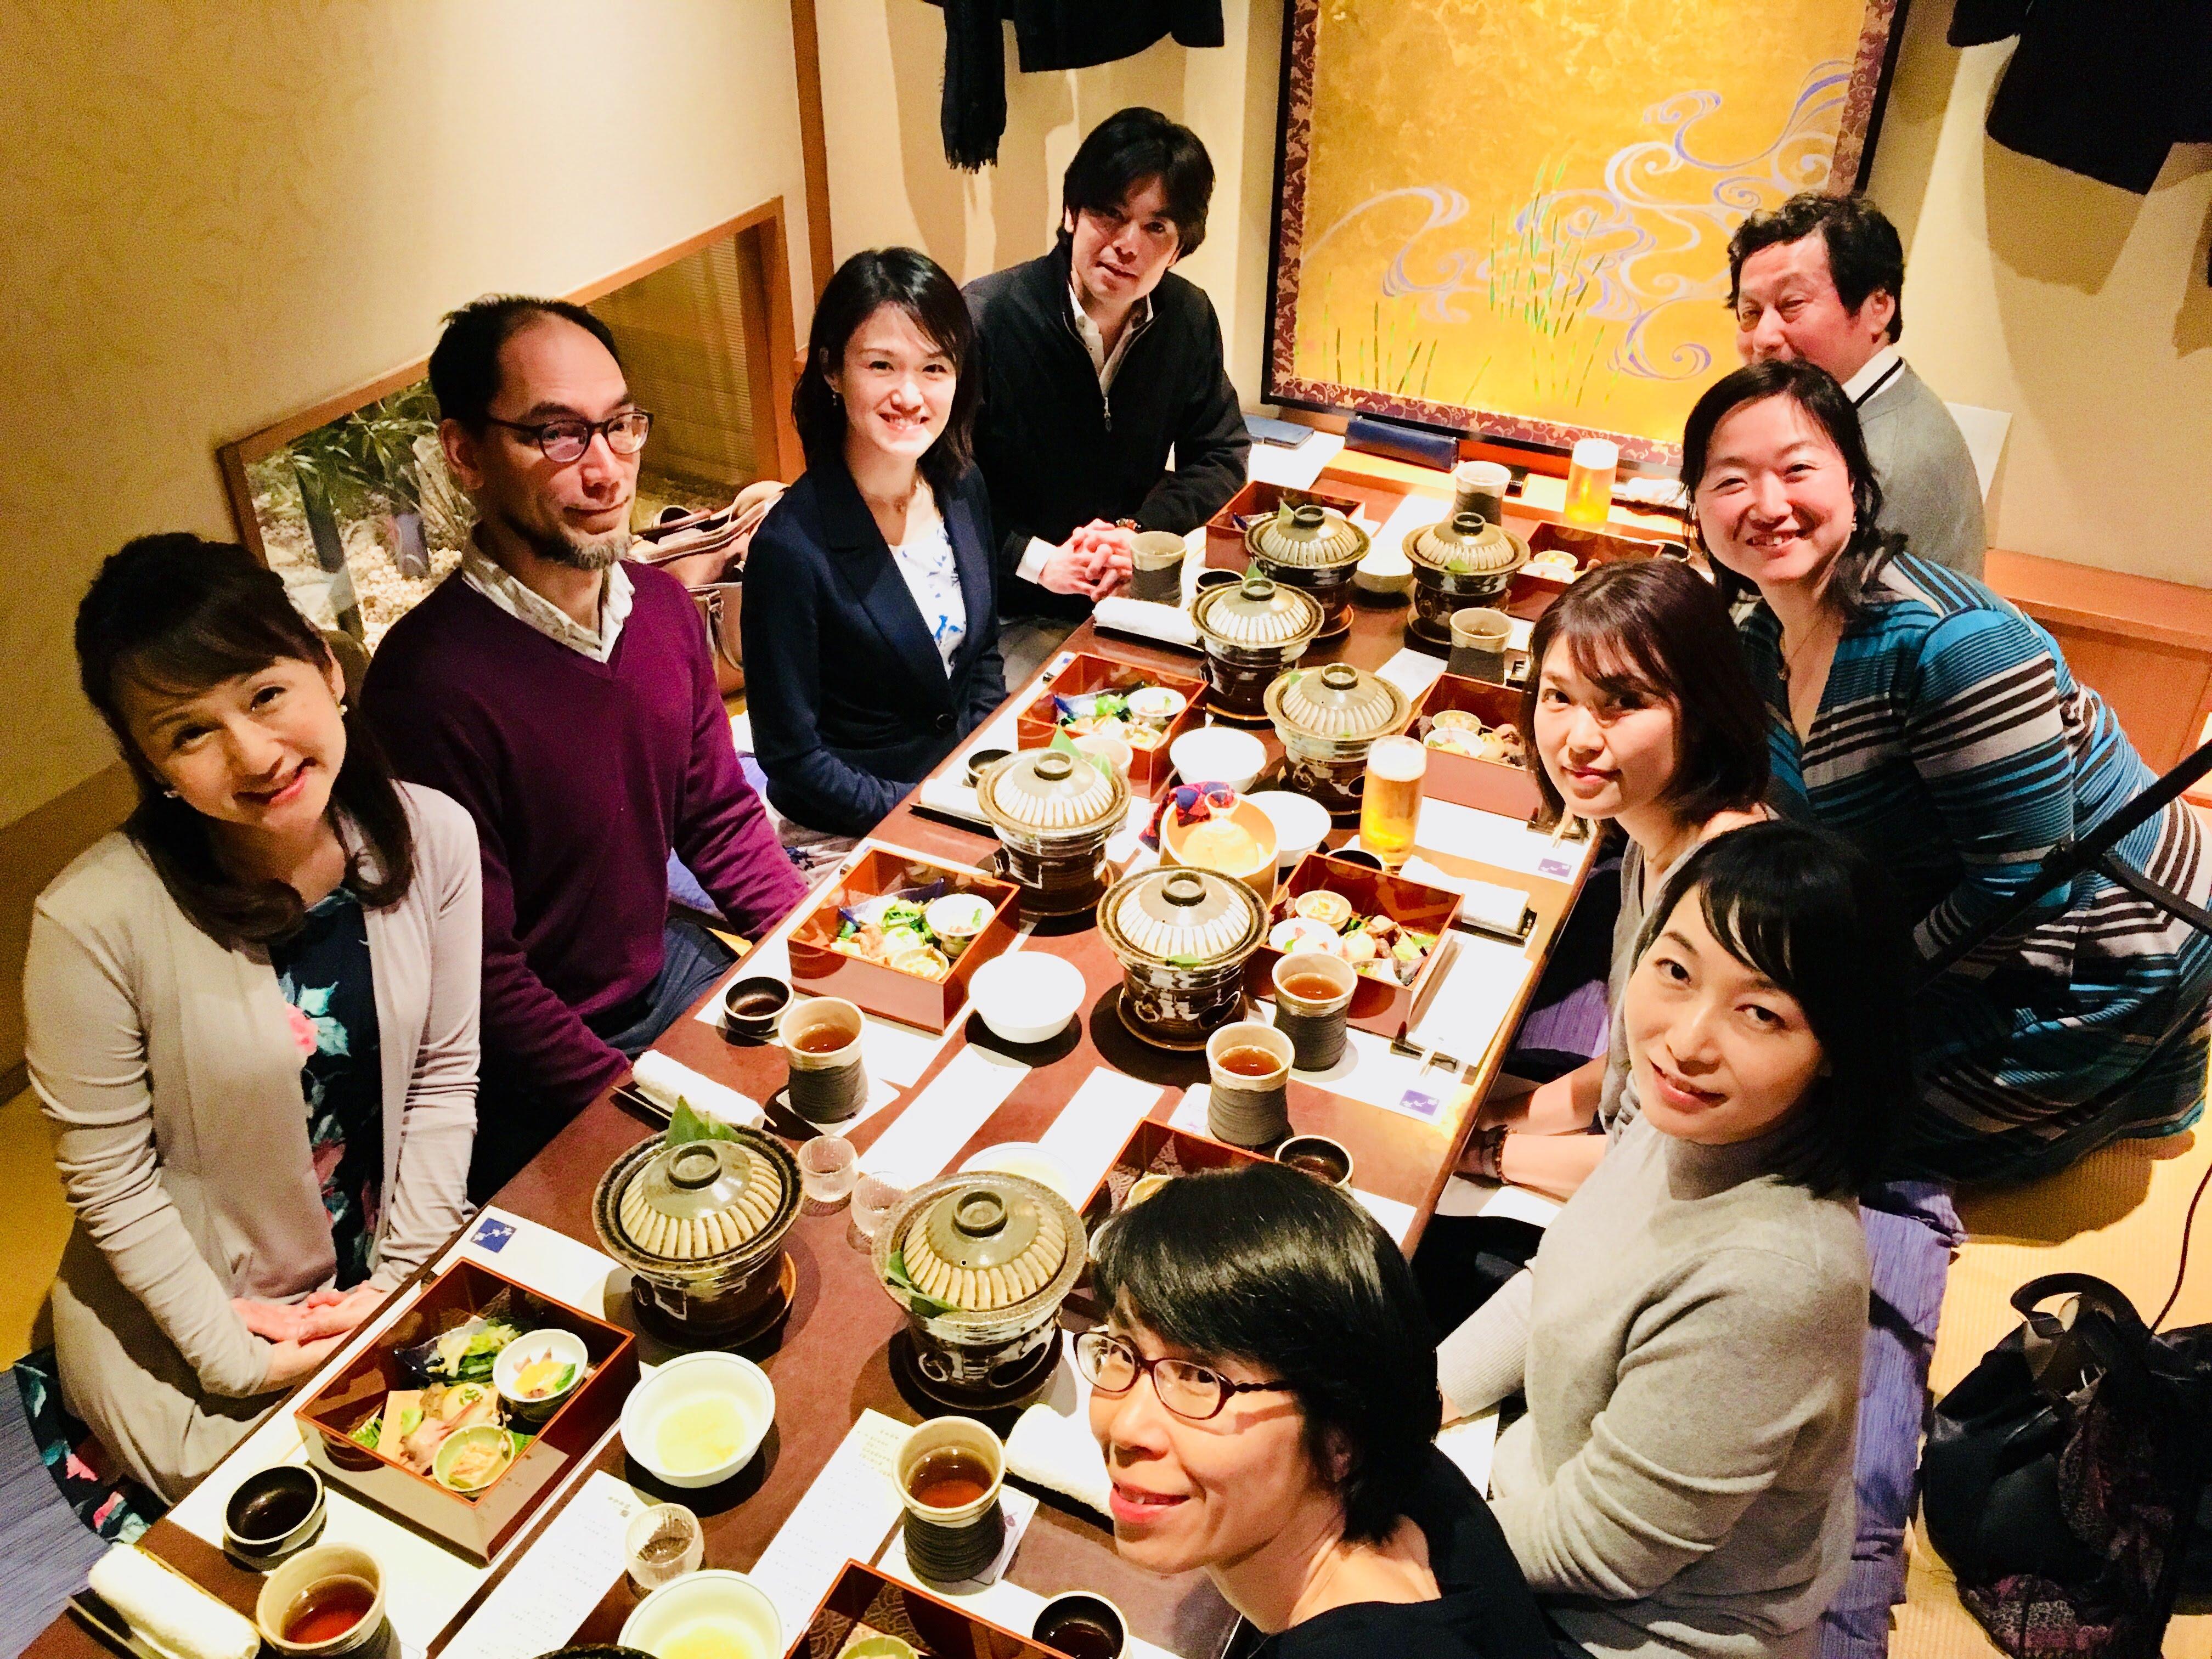 和食のマナーを学び、英語で語る!「禊」を英語で【3月くらぶイベント報告】